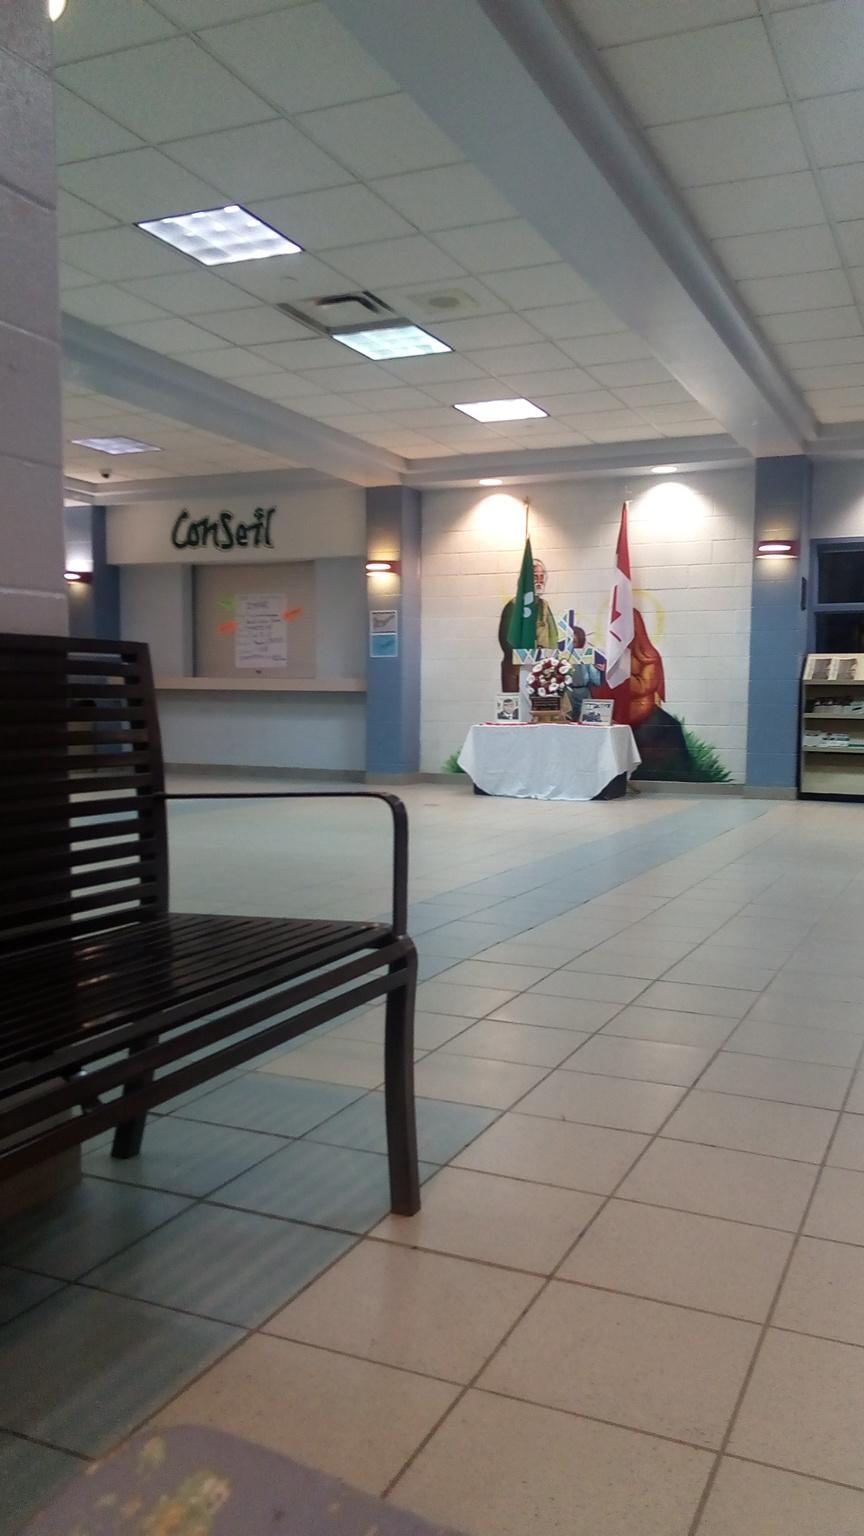 École secondaire catholique Sainte-Famille | school | 1780 Meadowvale Blvd, Mississauga, ON L5N 7K8, Canada | 9058140318 OR +1 905-814-0318